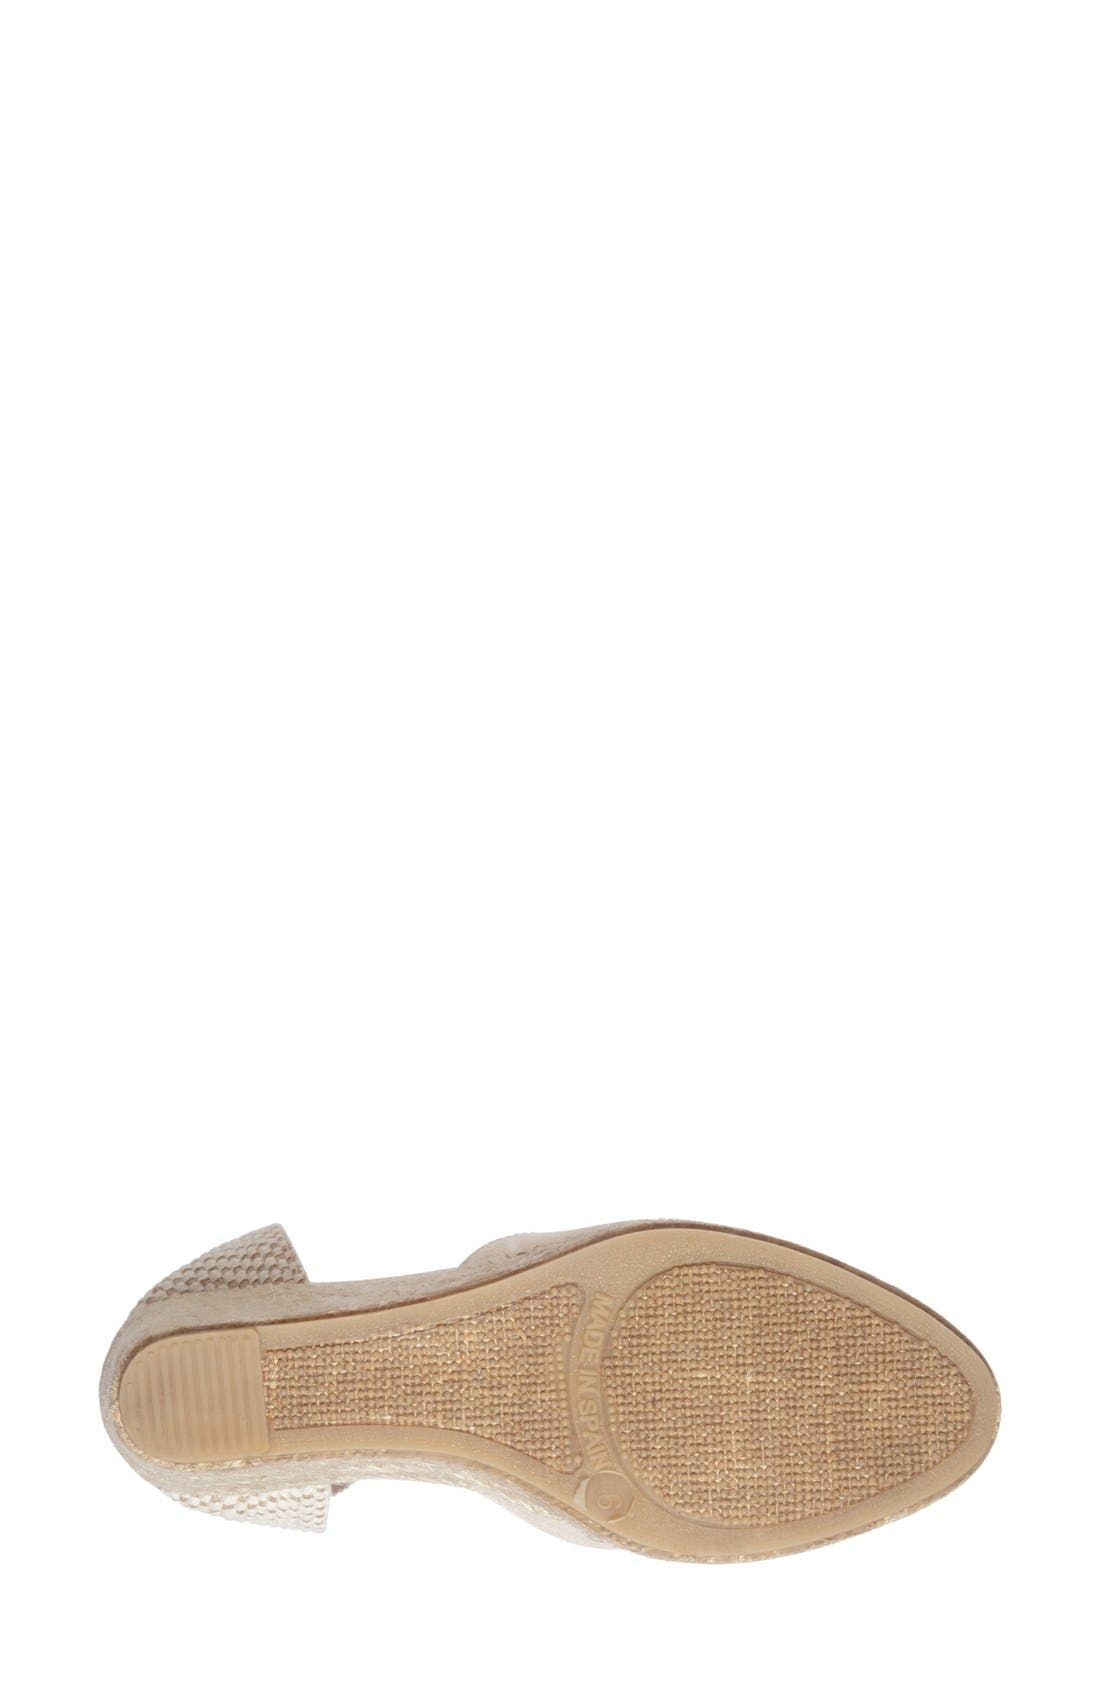 Wedge Lace-Up Espadrille Sandal,                             Alternate thumbnail 4, color,                             Blush Linen